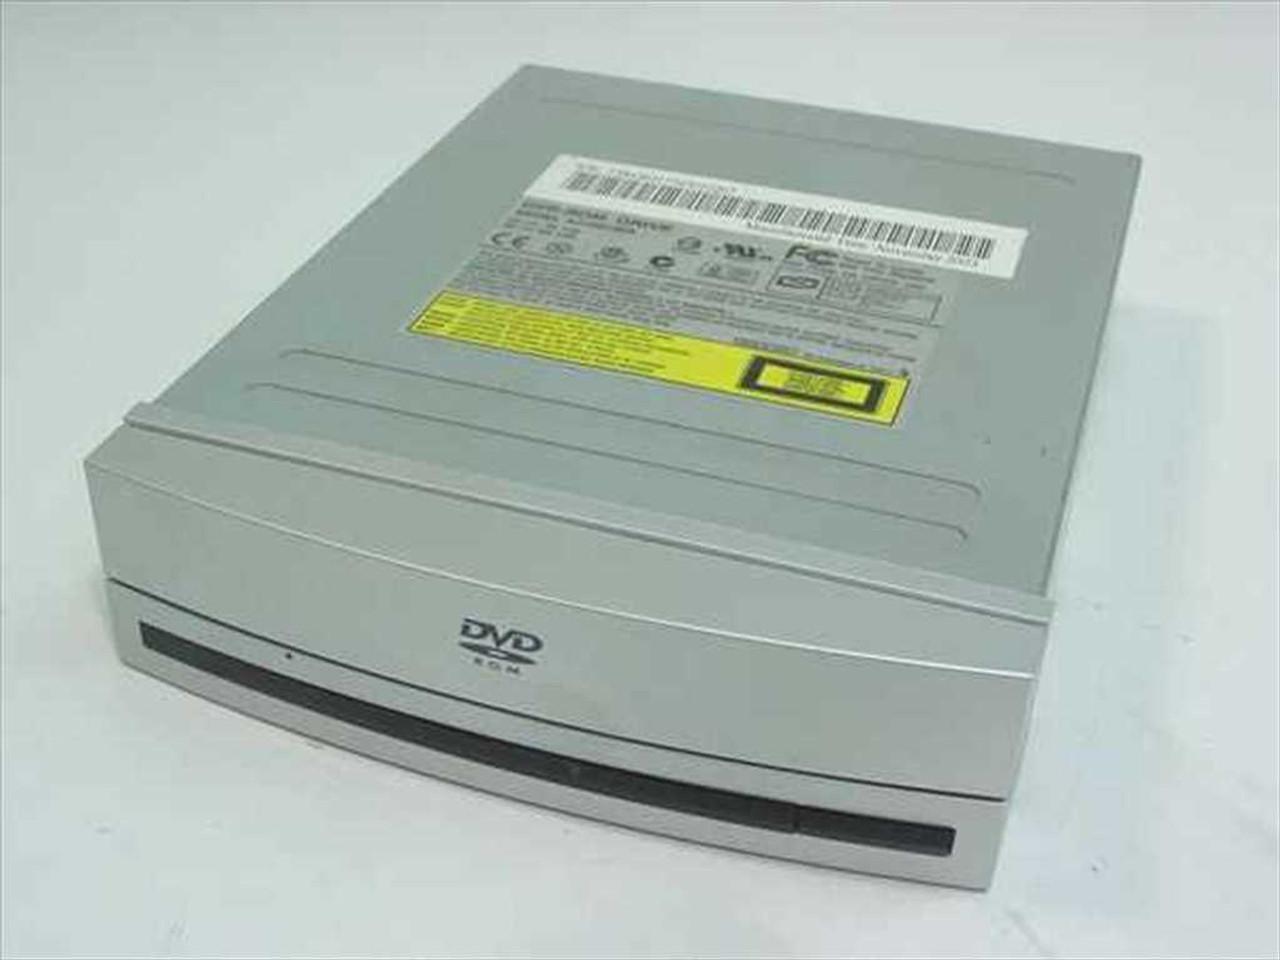 XJ HD166S WINDOWS 7 X64 DRIVER